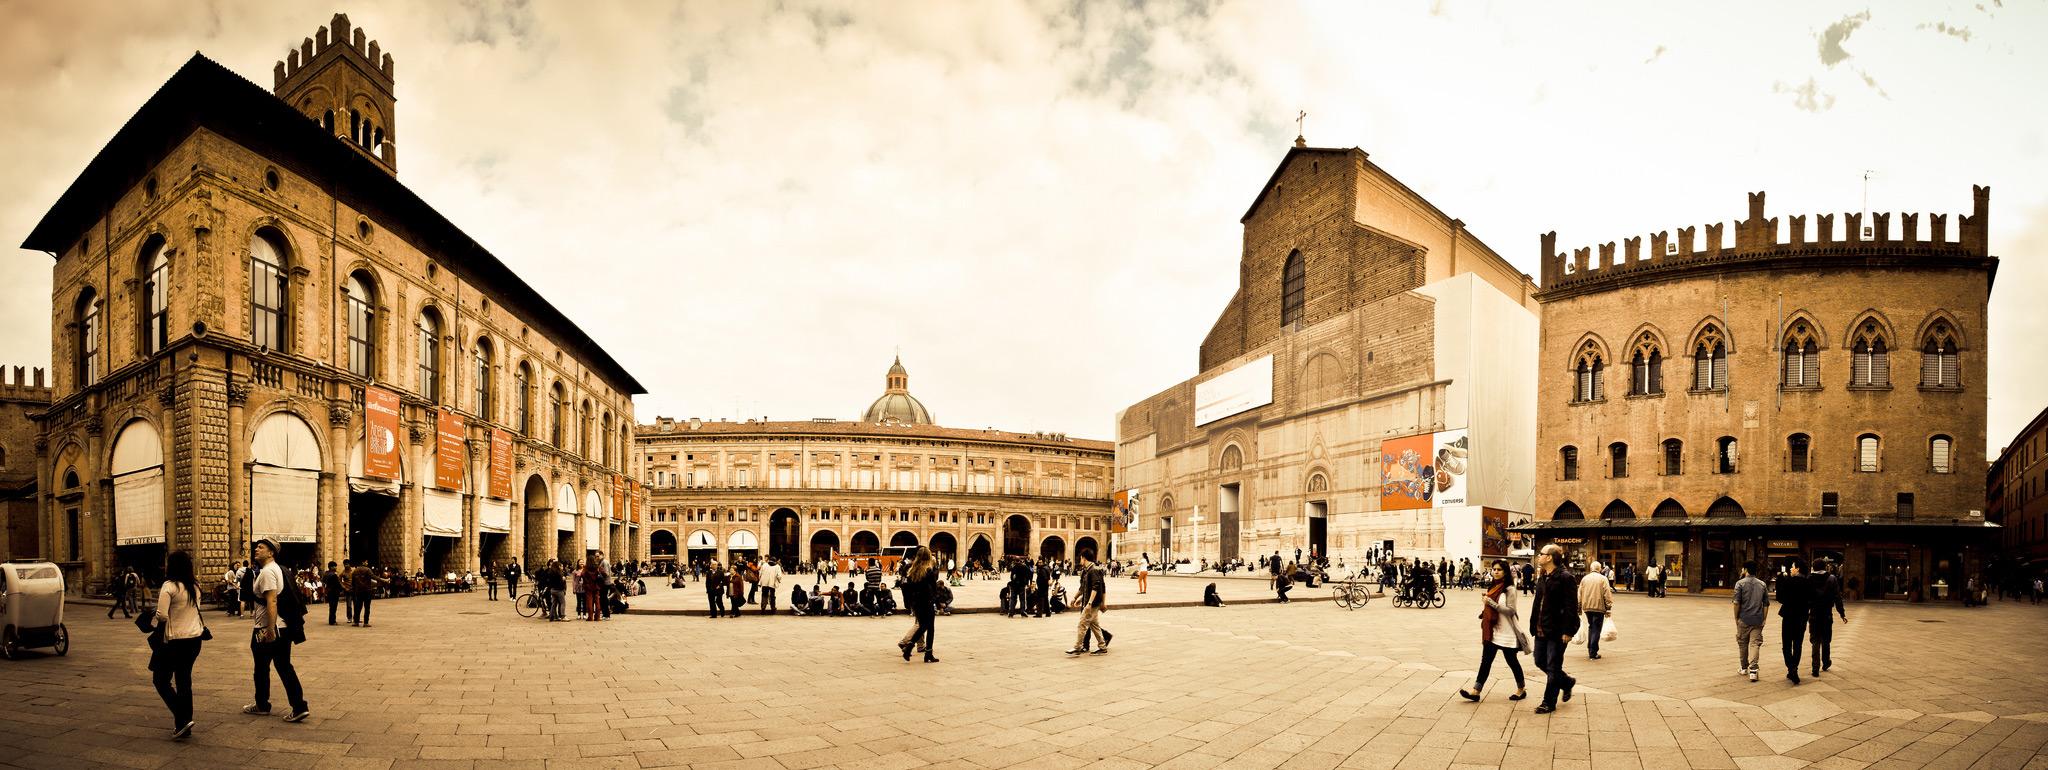 Что посмотреть в Болонье и окрестностях за день?